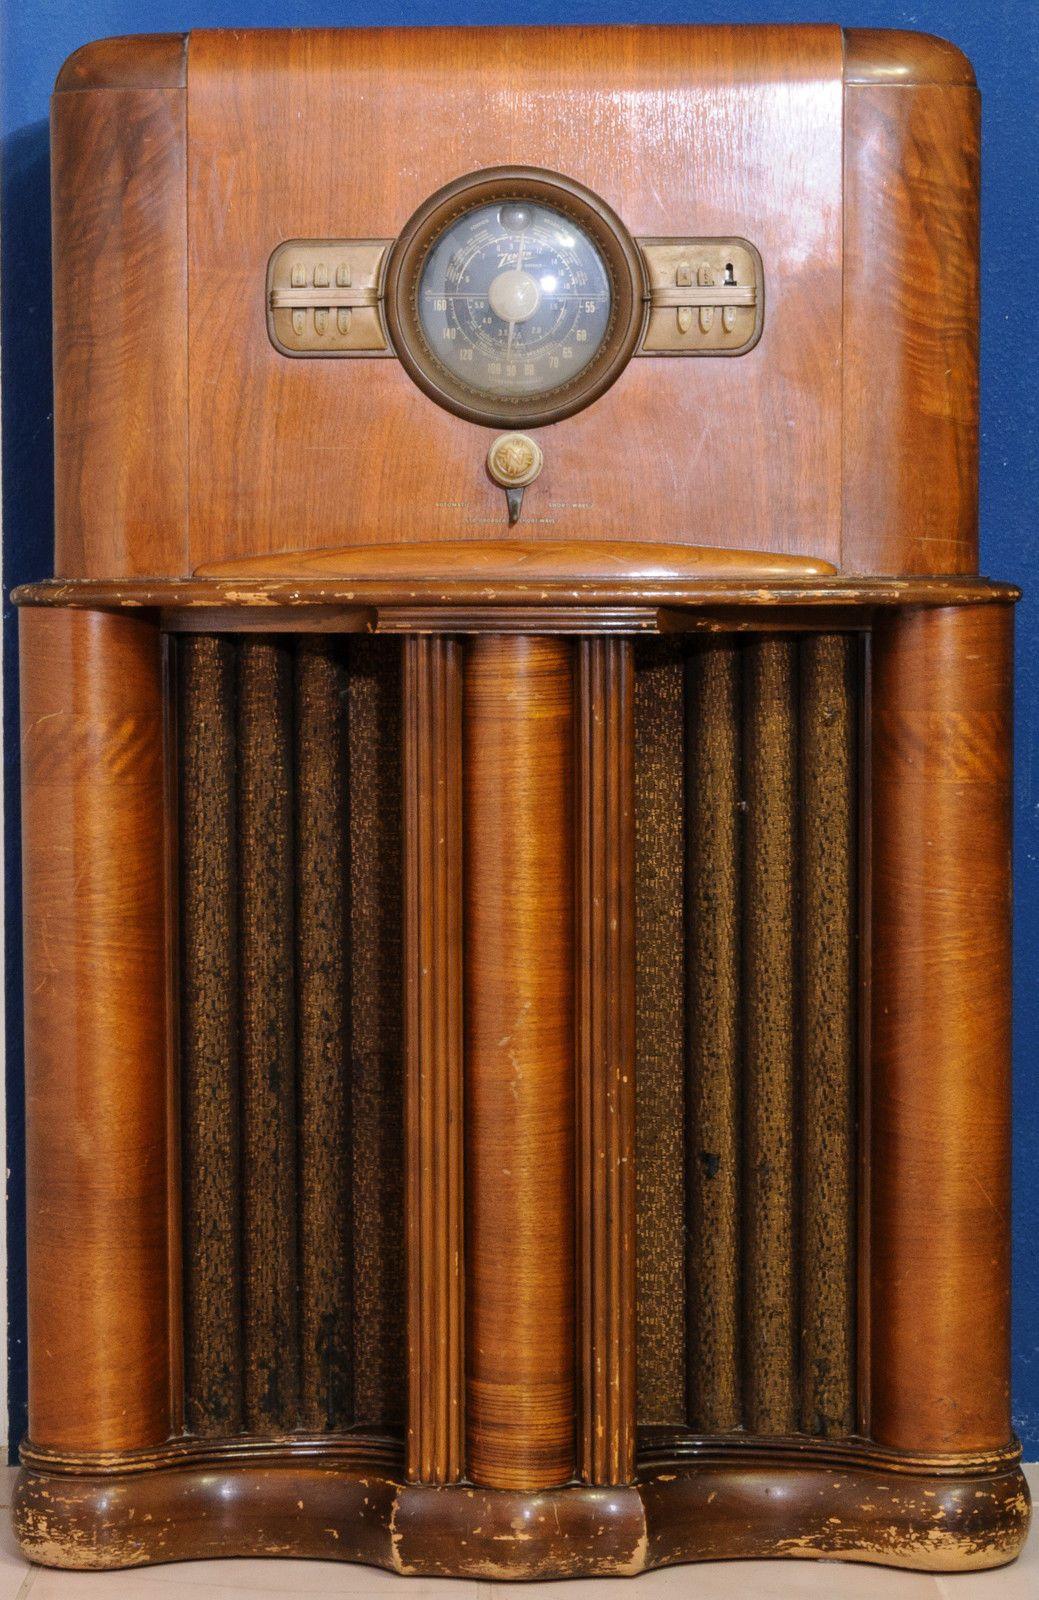 Zenith Console Floor Radio Model 11s474 1940s Vintage Tube Chassis Model 1103 Ebay Antique Radio Vintage Radio Retro Radios